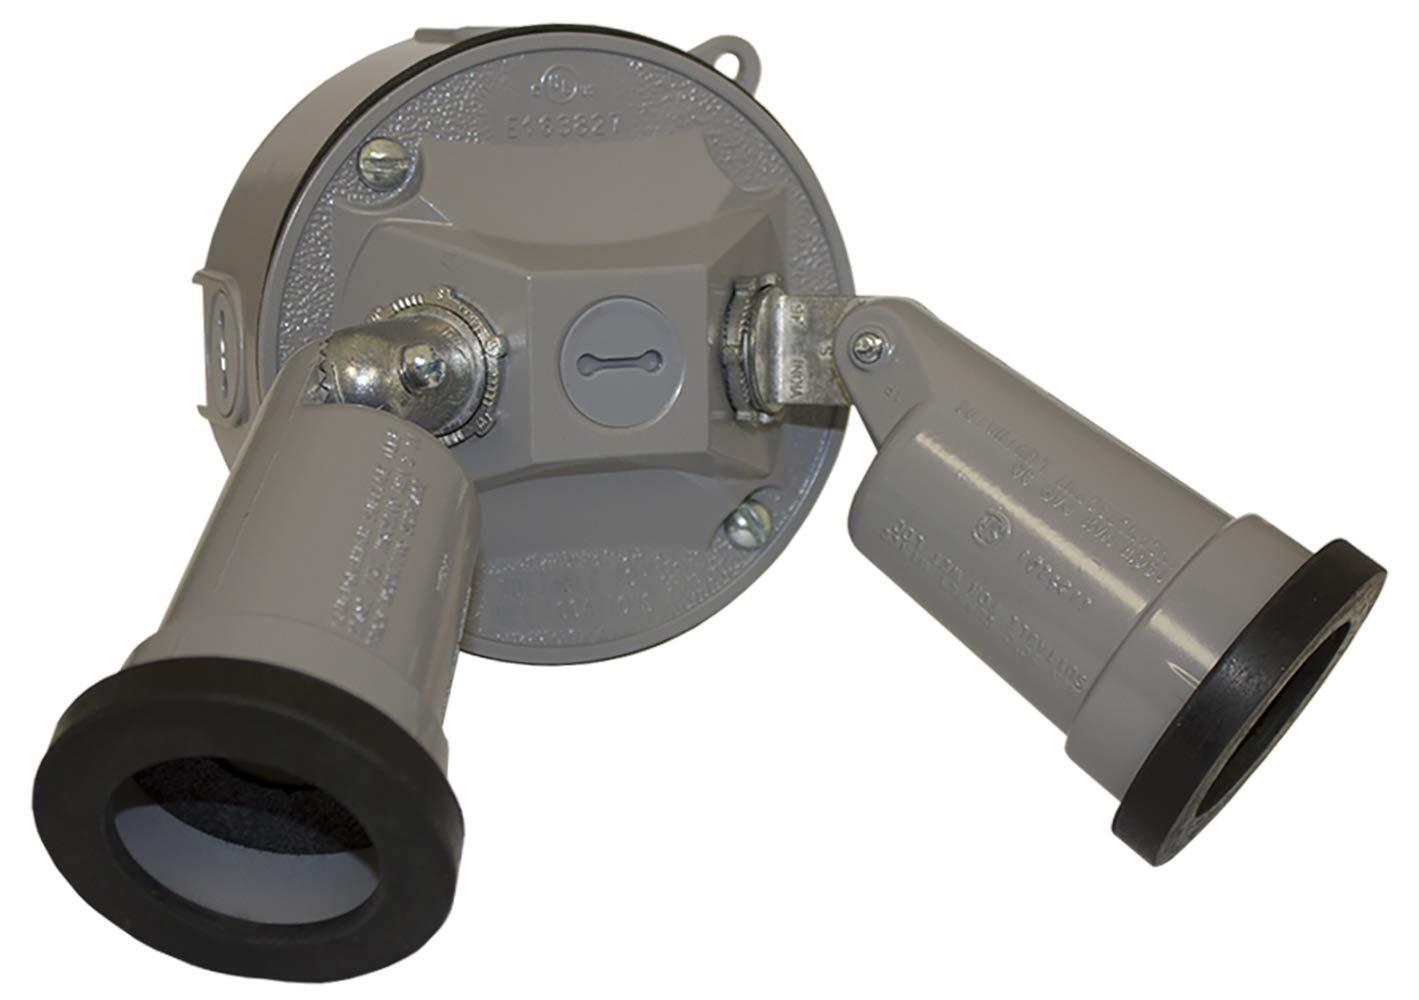 flood light lock nut doesn't lock?-61gntpreftl._sl1419_.jpg